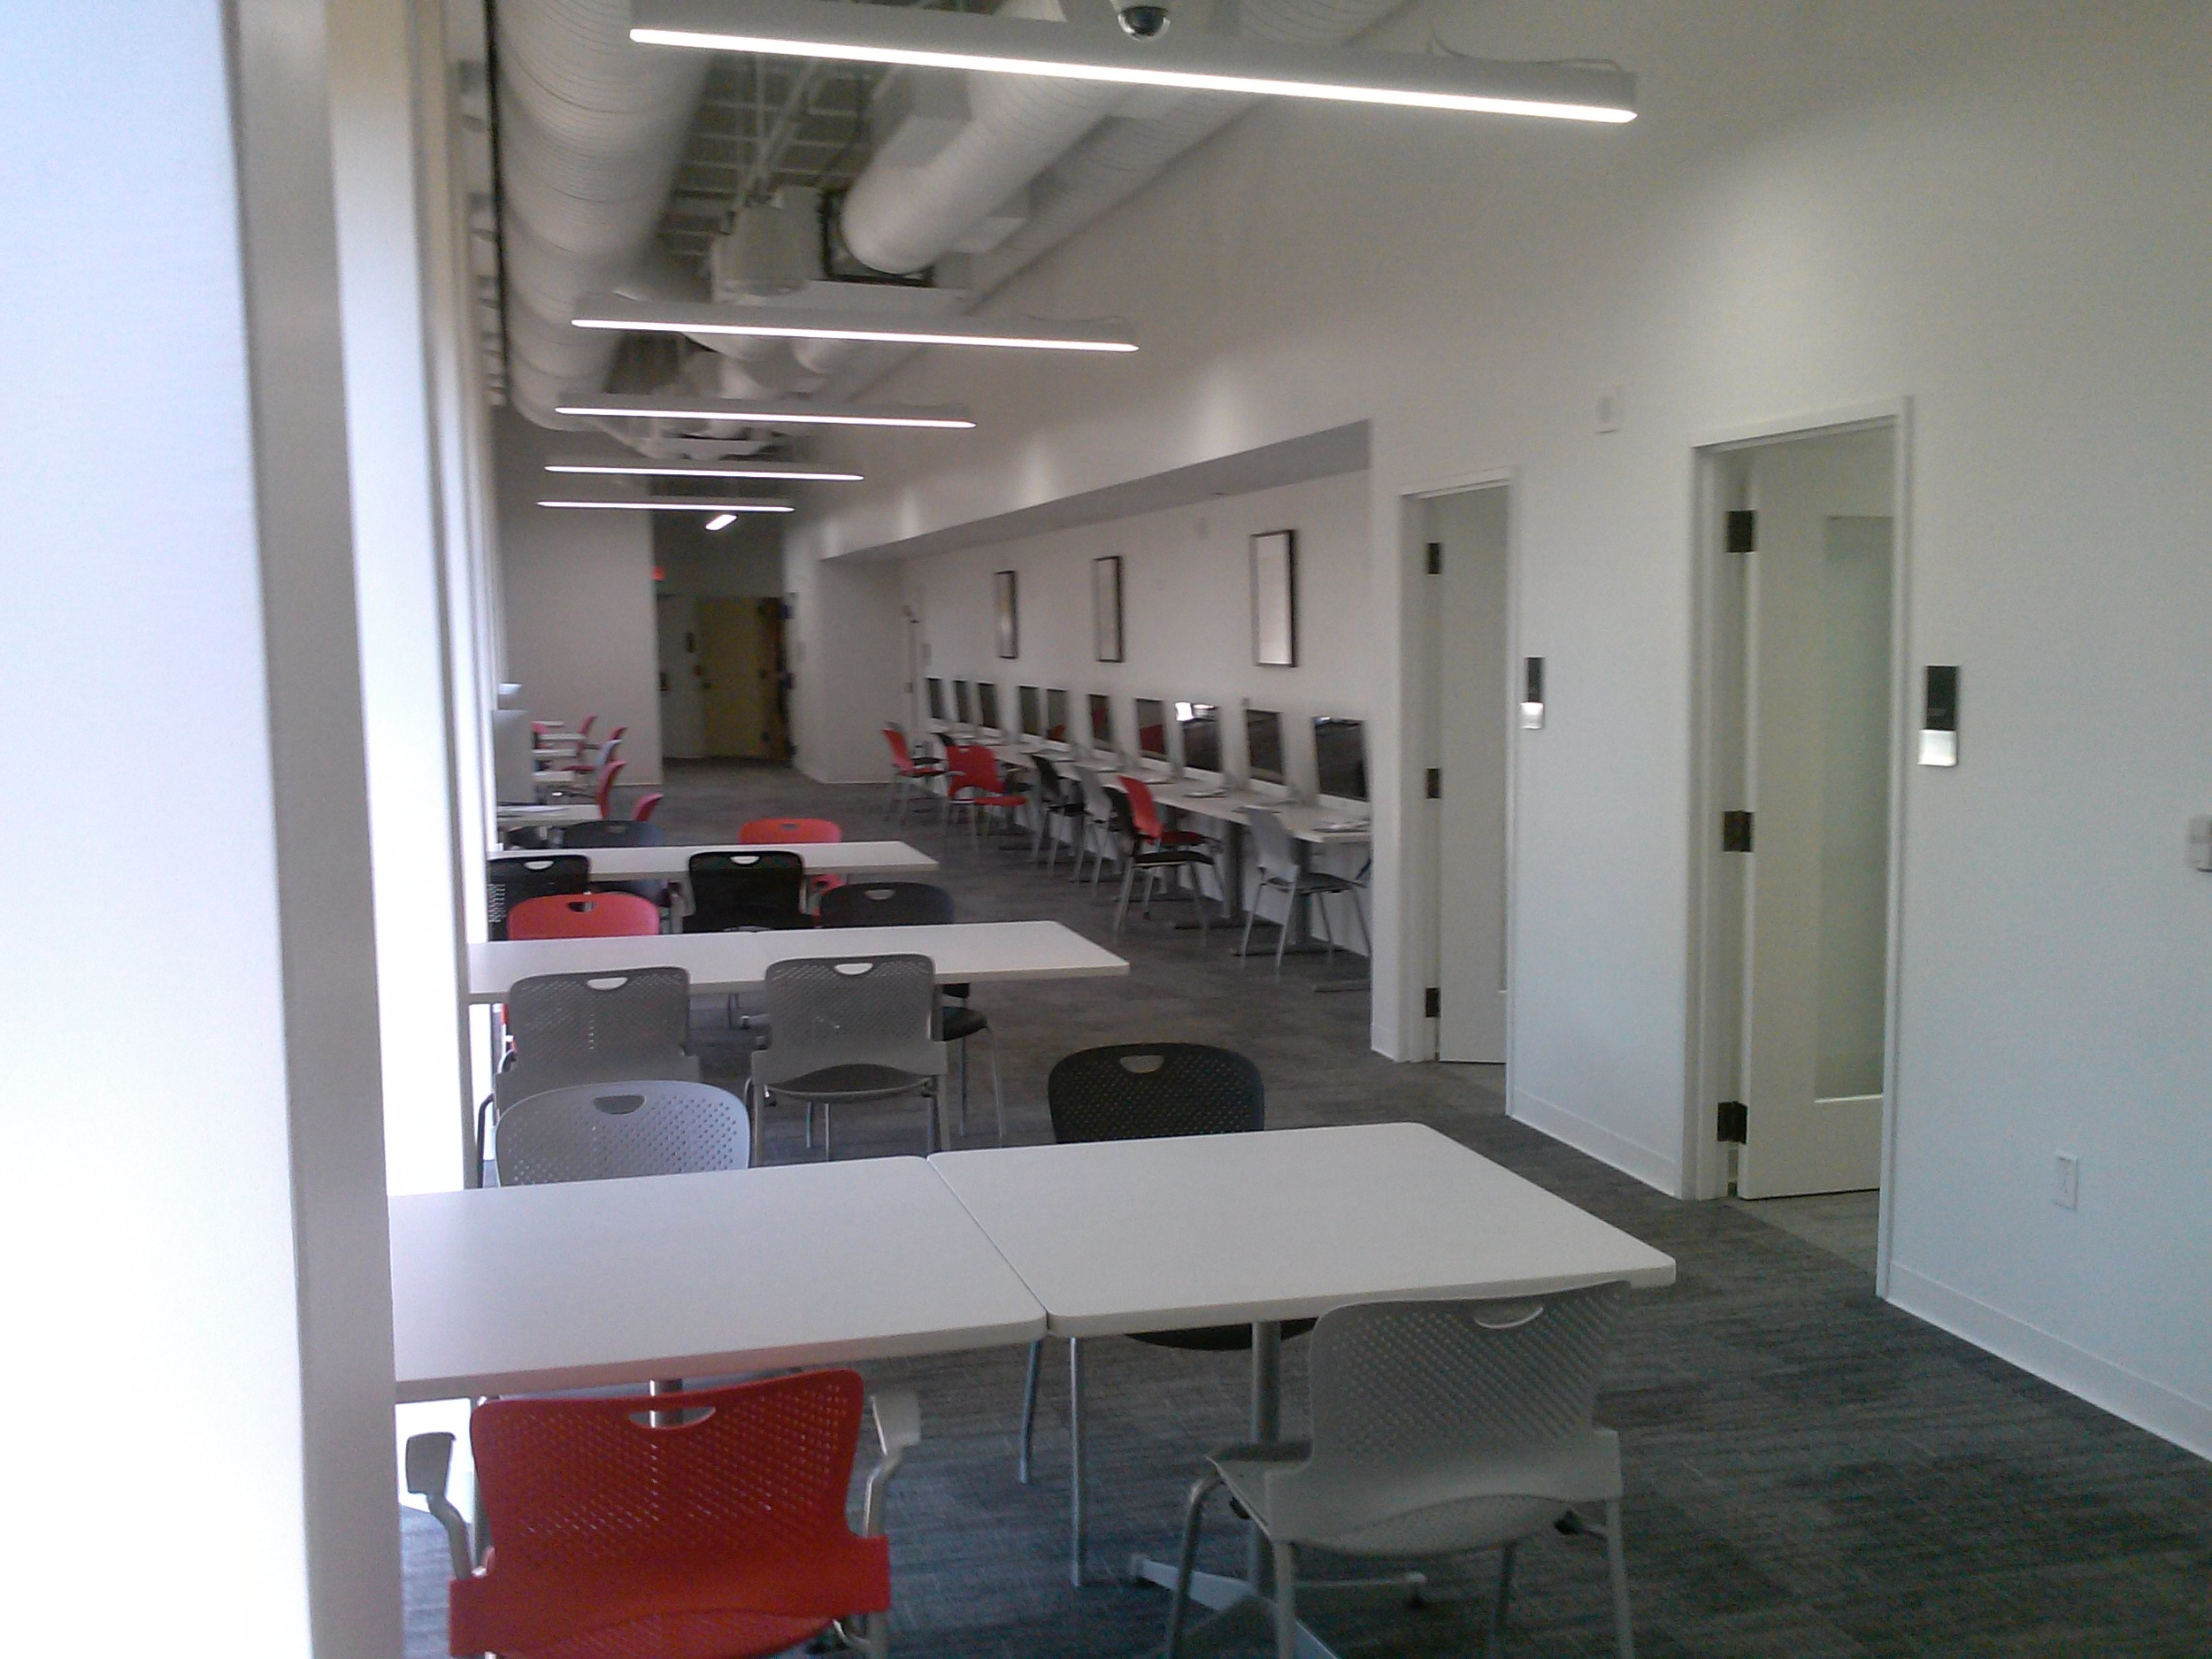 Low Distraction Rooms, Quiet Work Area